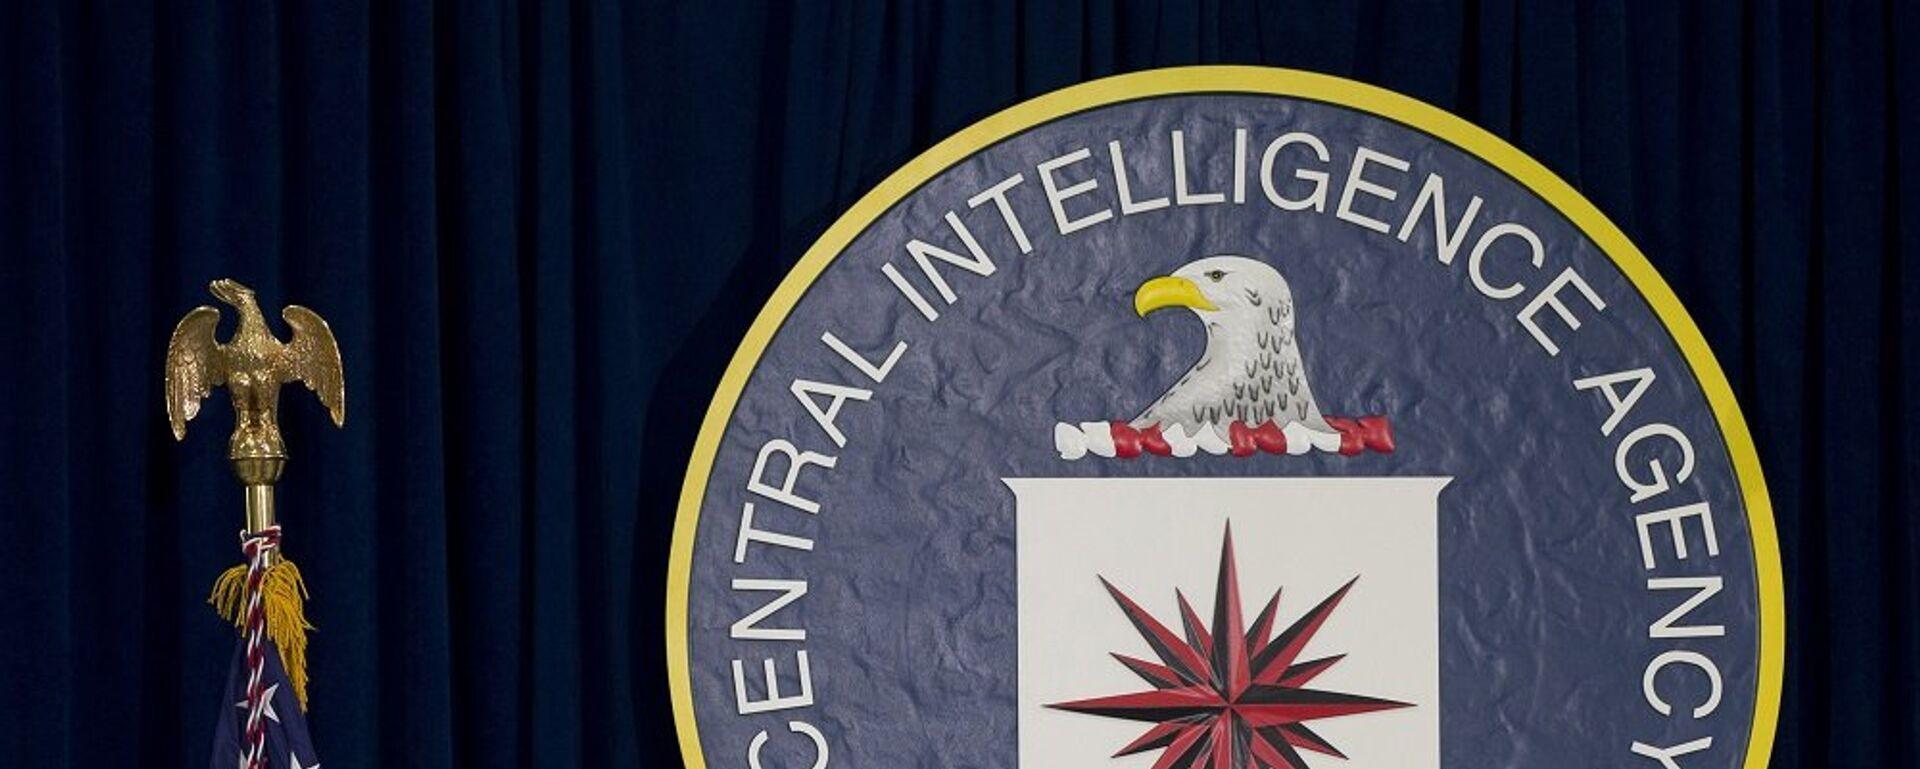 Το σύμβολο της CIA - Sputnik Ελλάδα, 1920, 07.10.2021